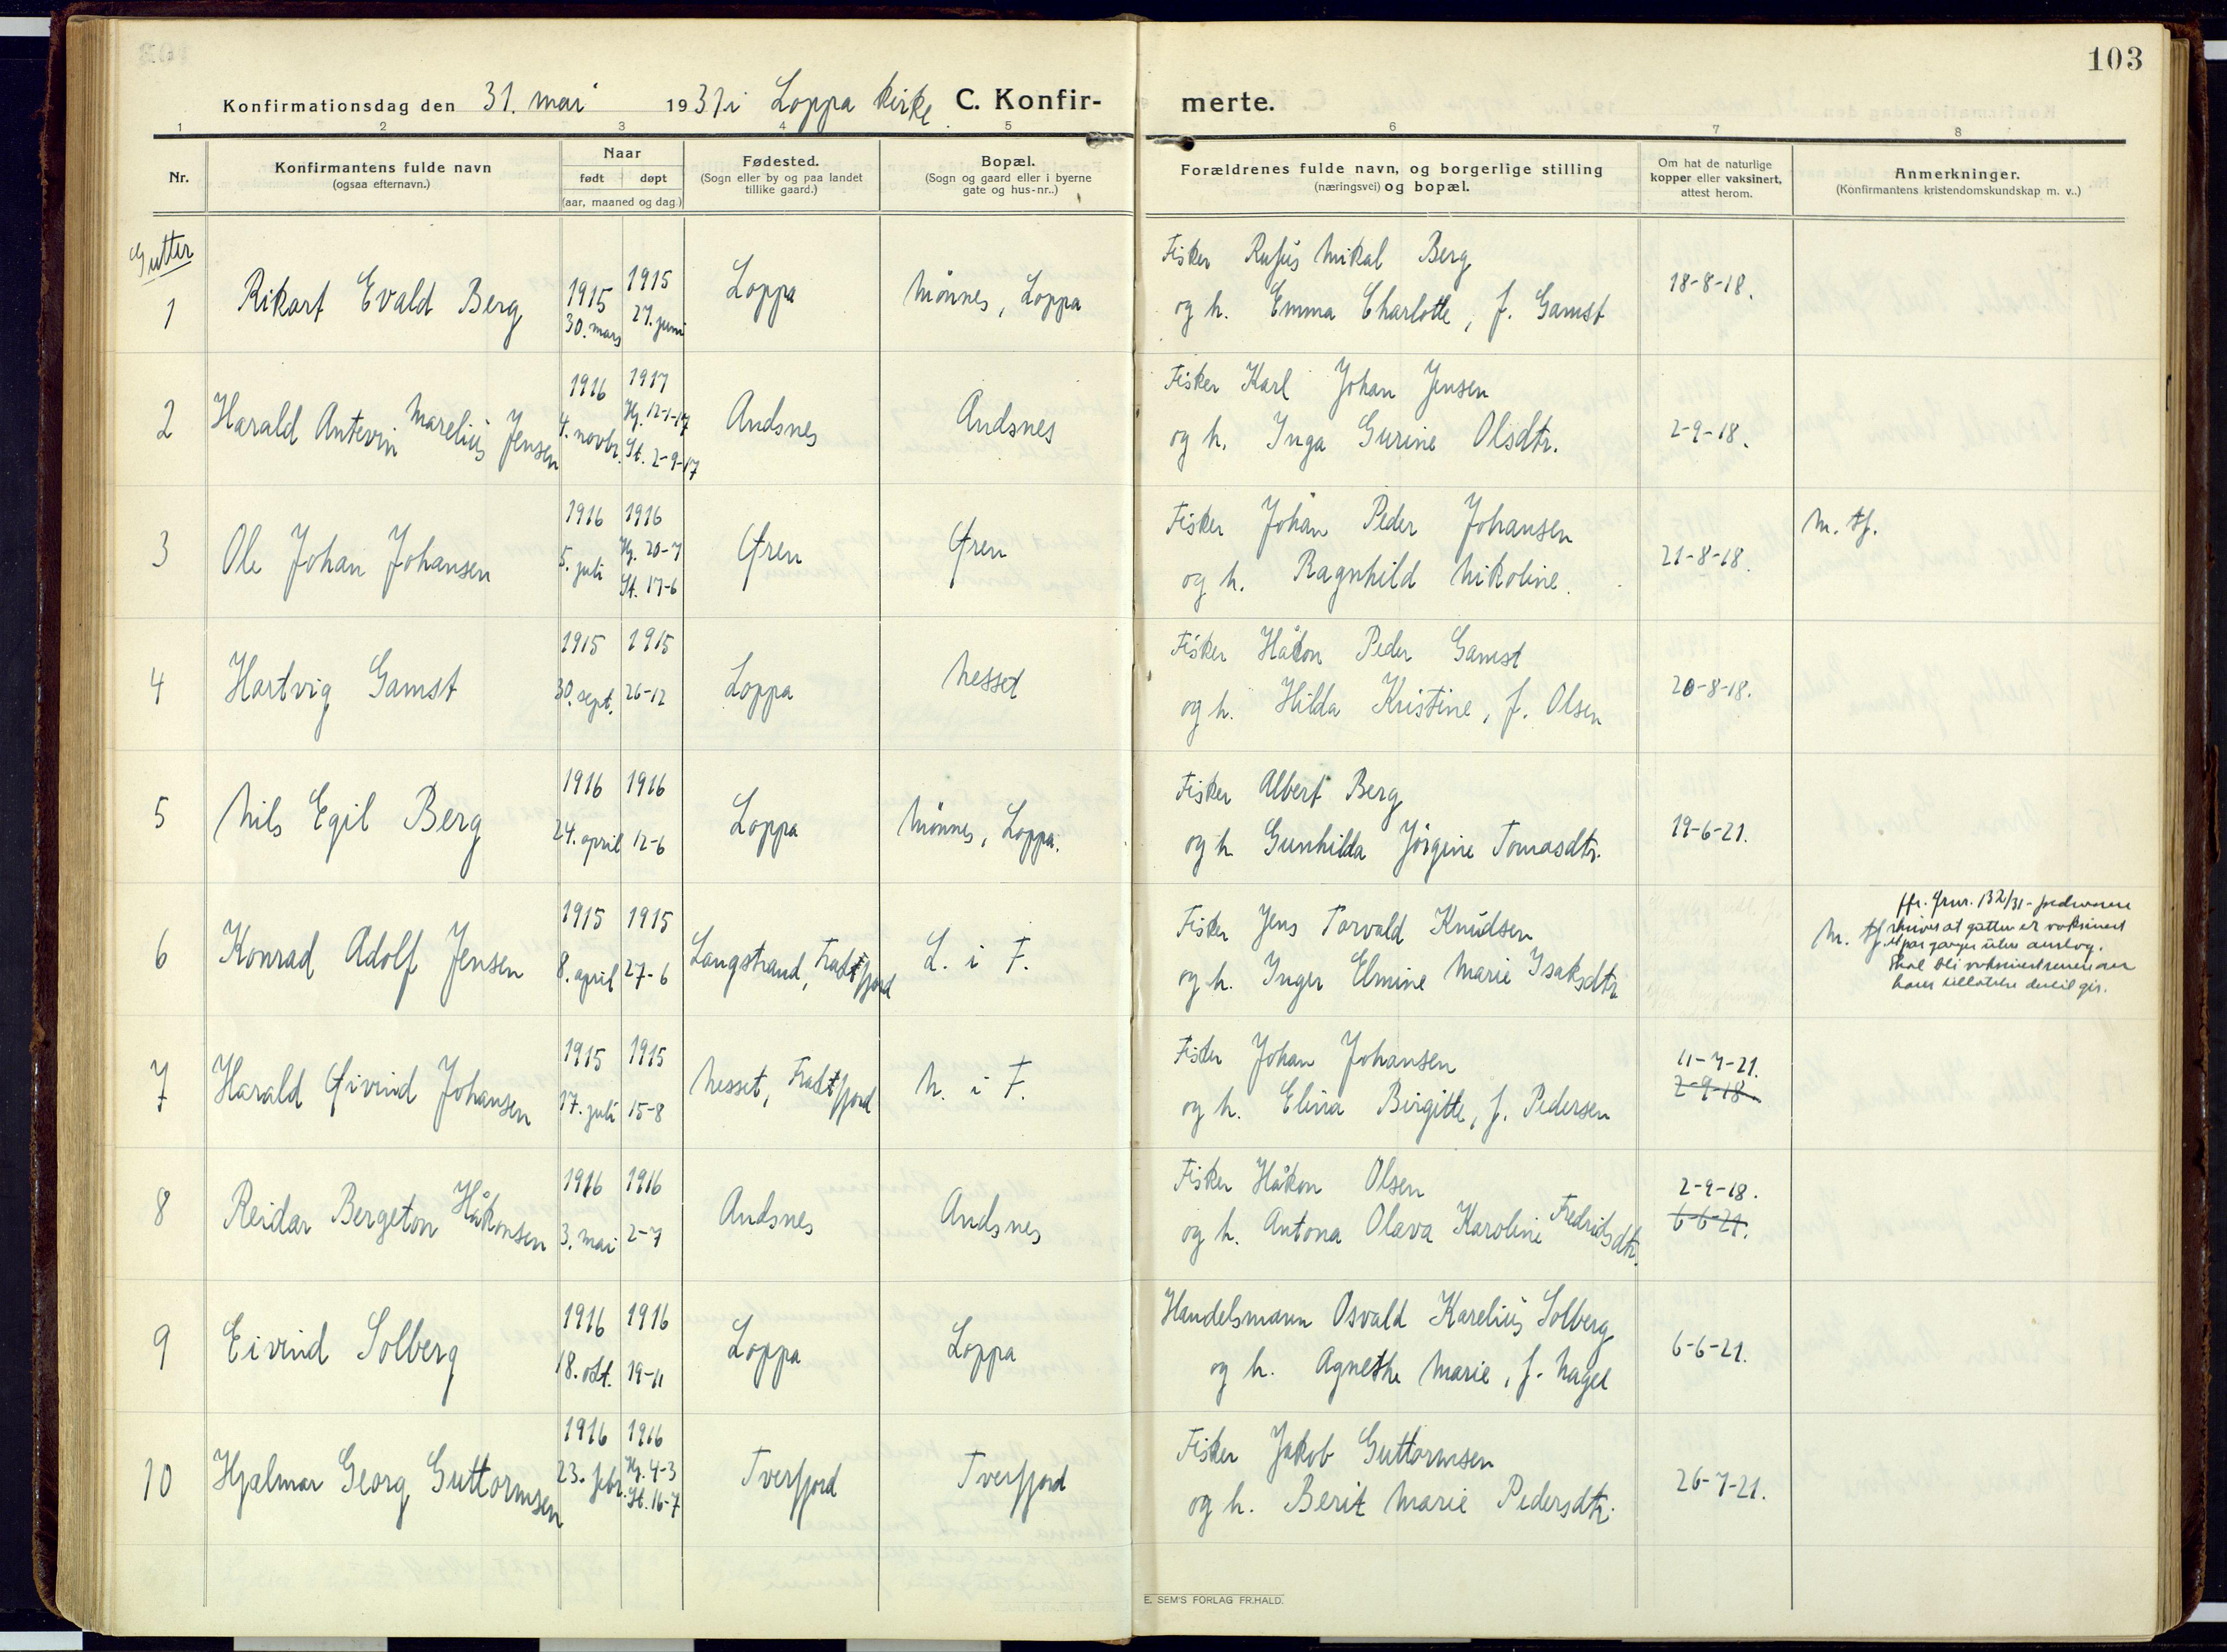 SATØ, Loppa sokneprestkontor, H/Ha/L0013kirke: Ministerialbok nr. 13, 1920-1932, s. 103